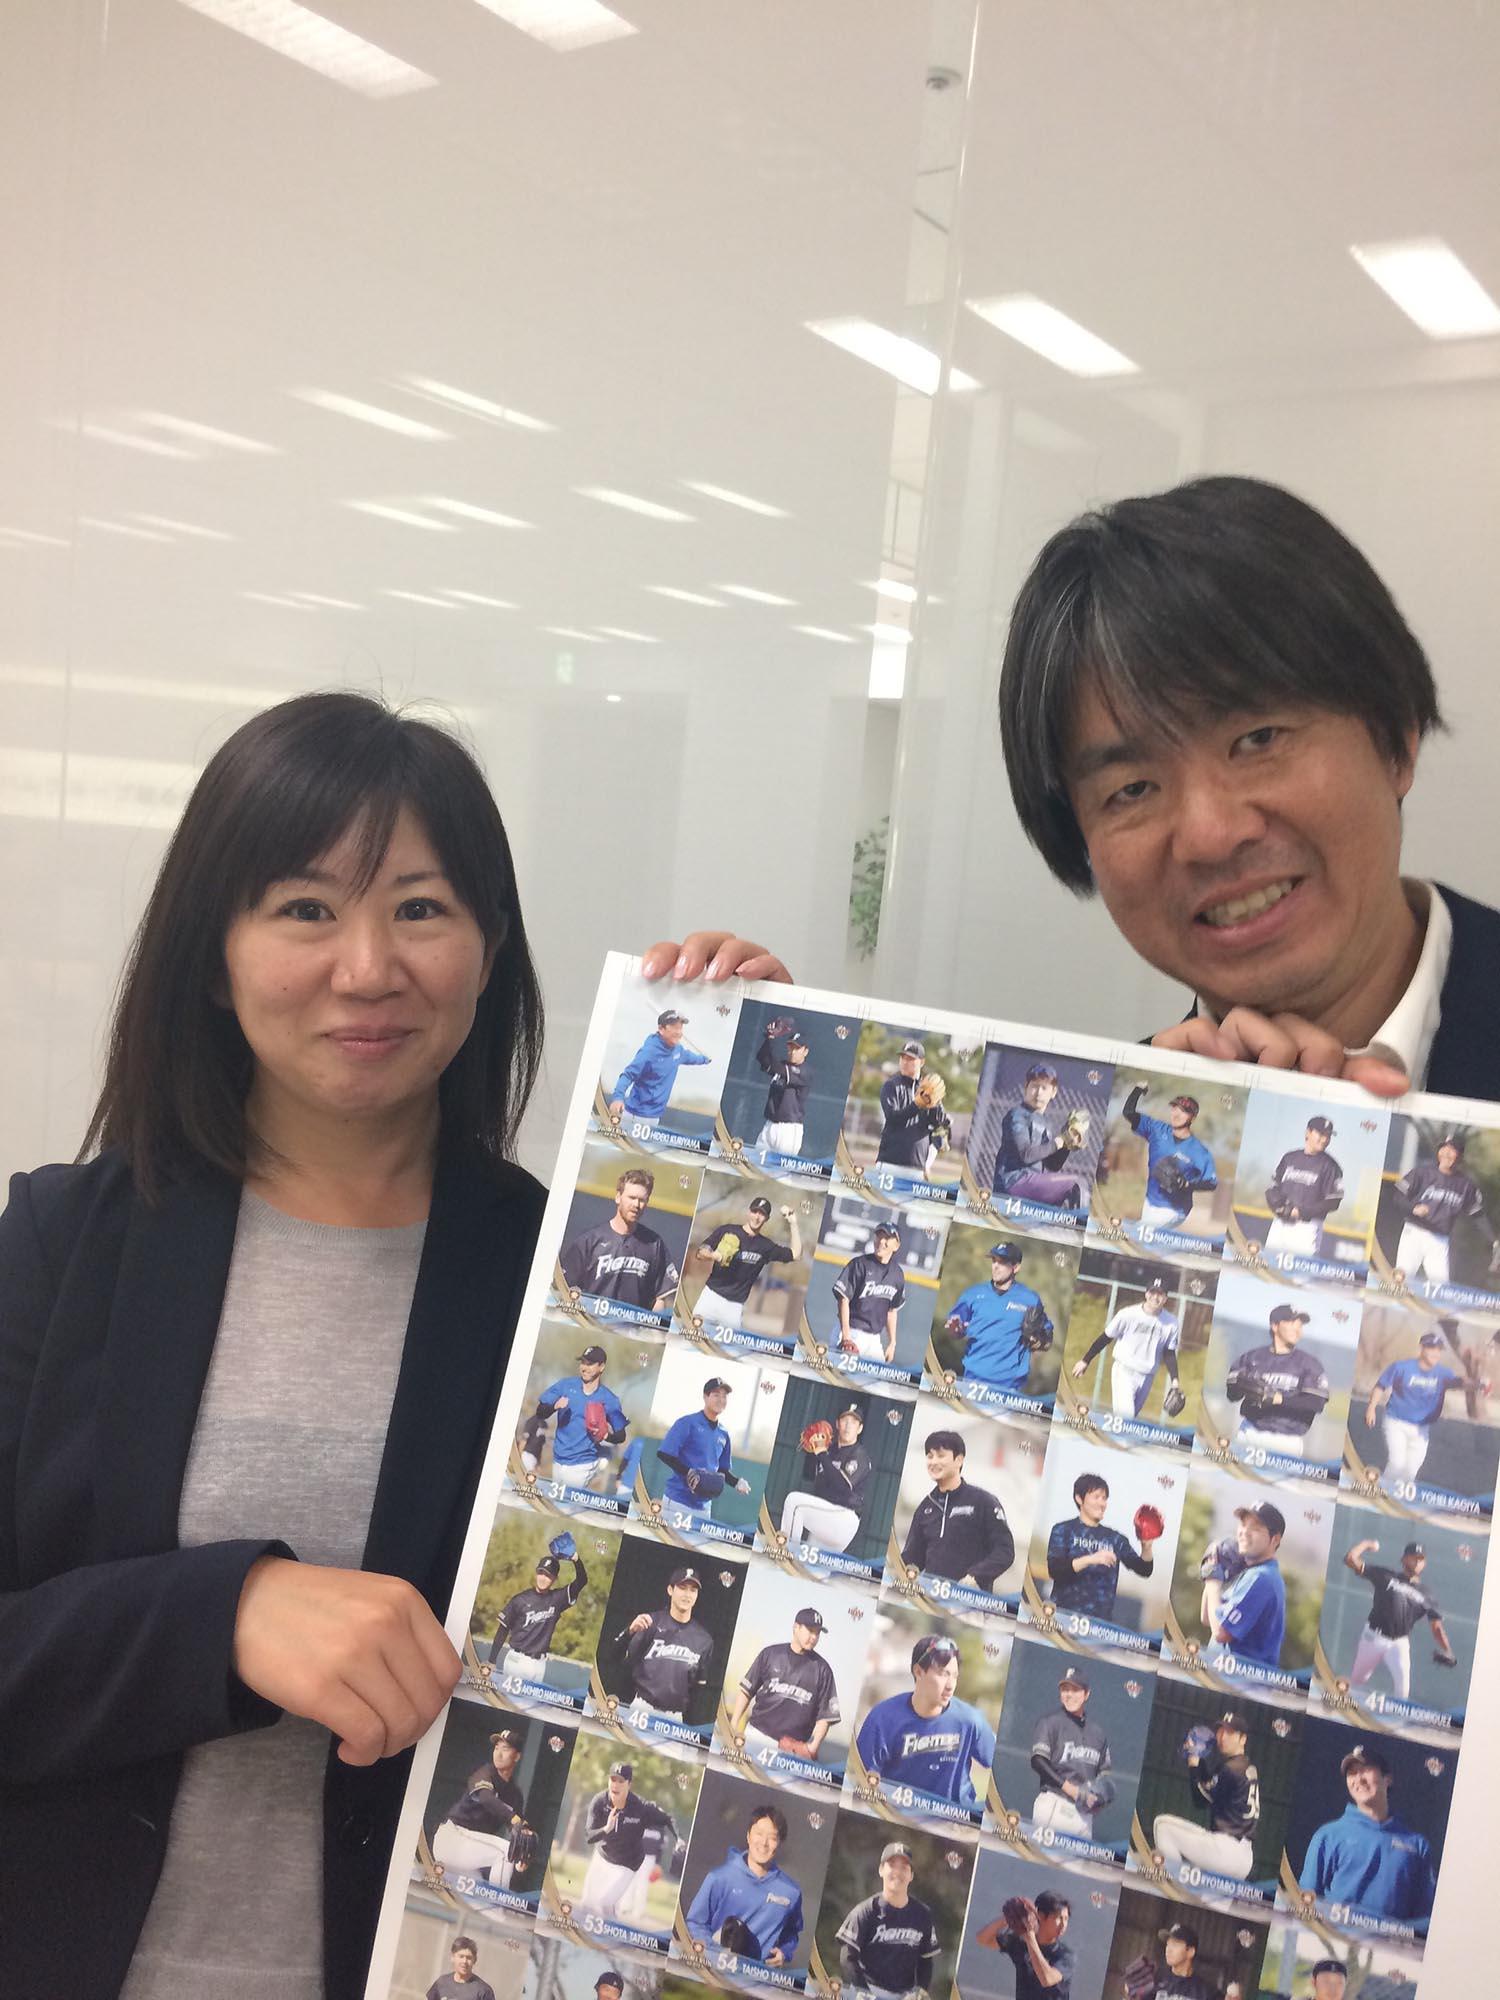 日本ハムの担当・谷川礼さんと、BBM平澤大輔さん ©えのきどいちろう